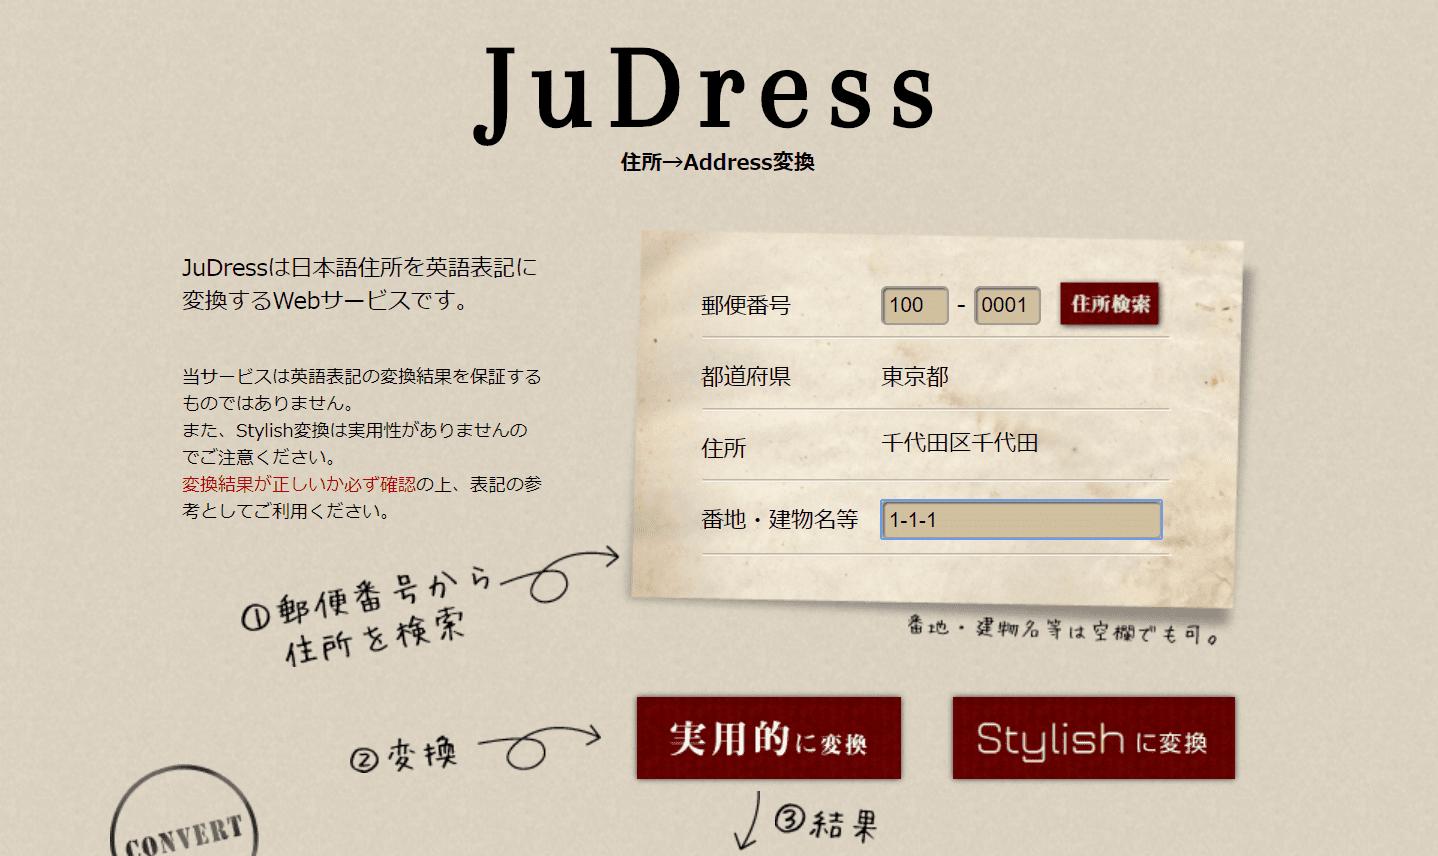 把日本地址翻譯成英文